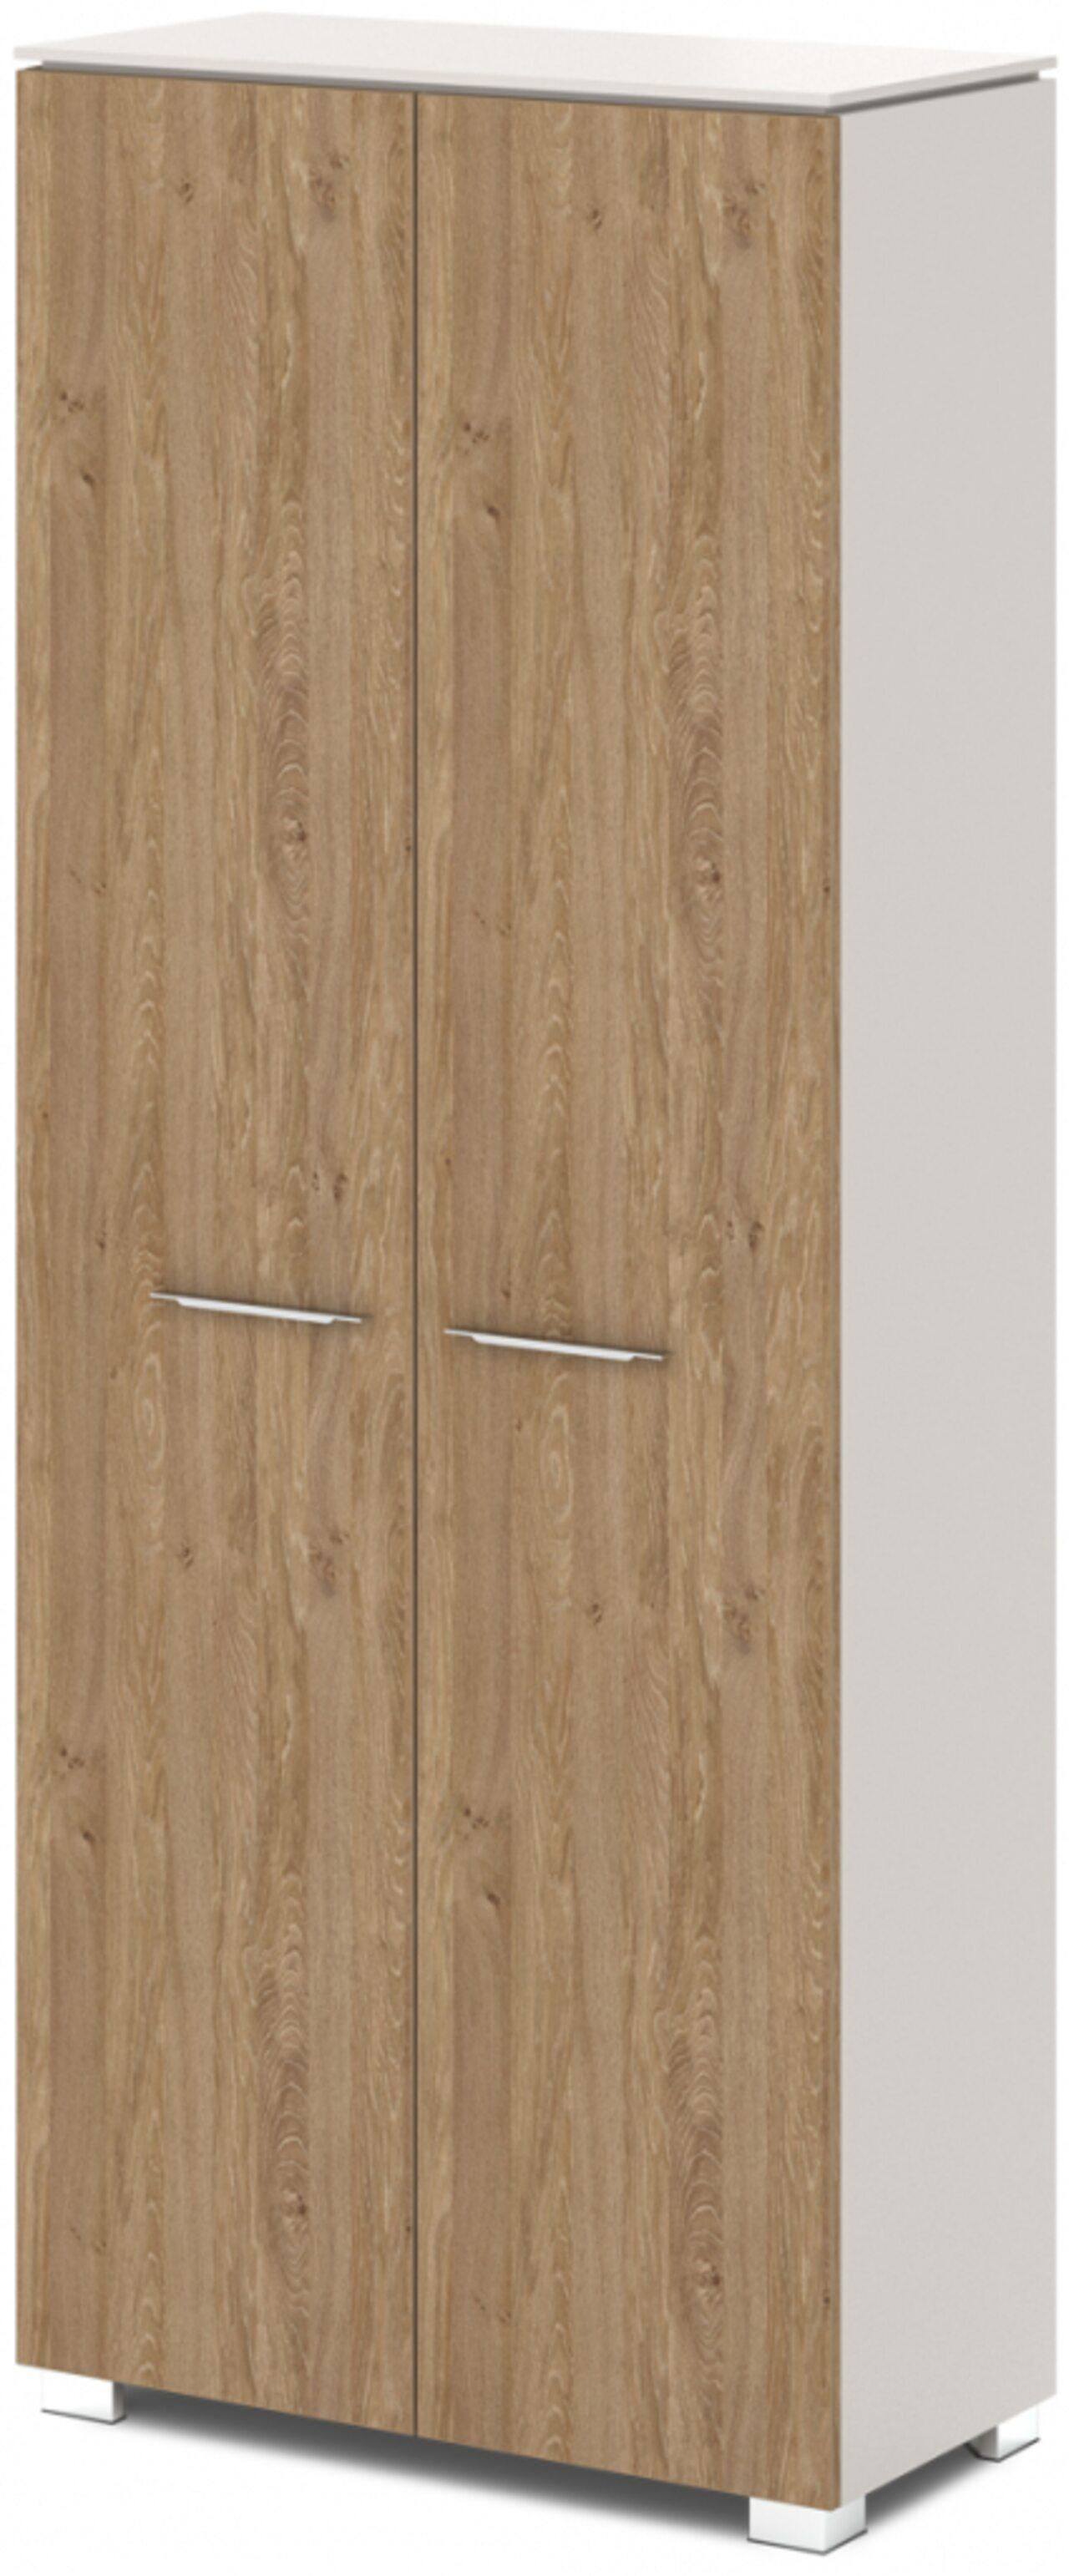 Шкаф для одежды комбинированный - фото 3